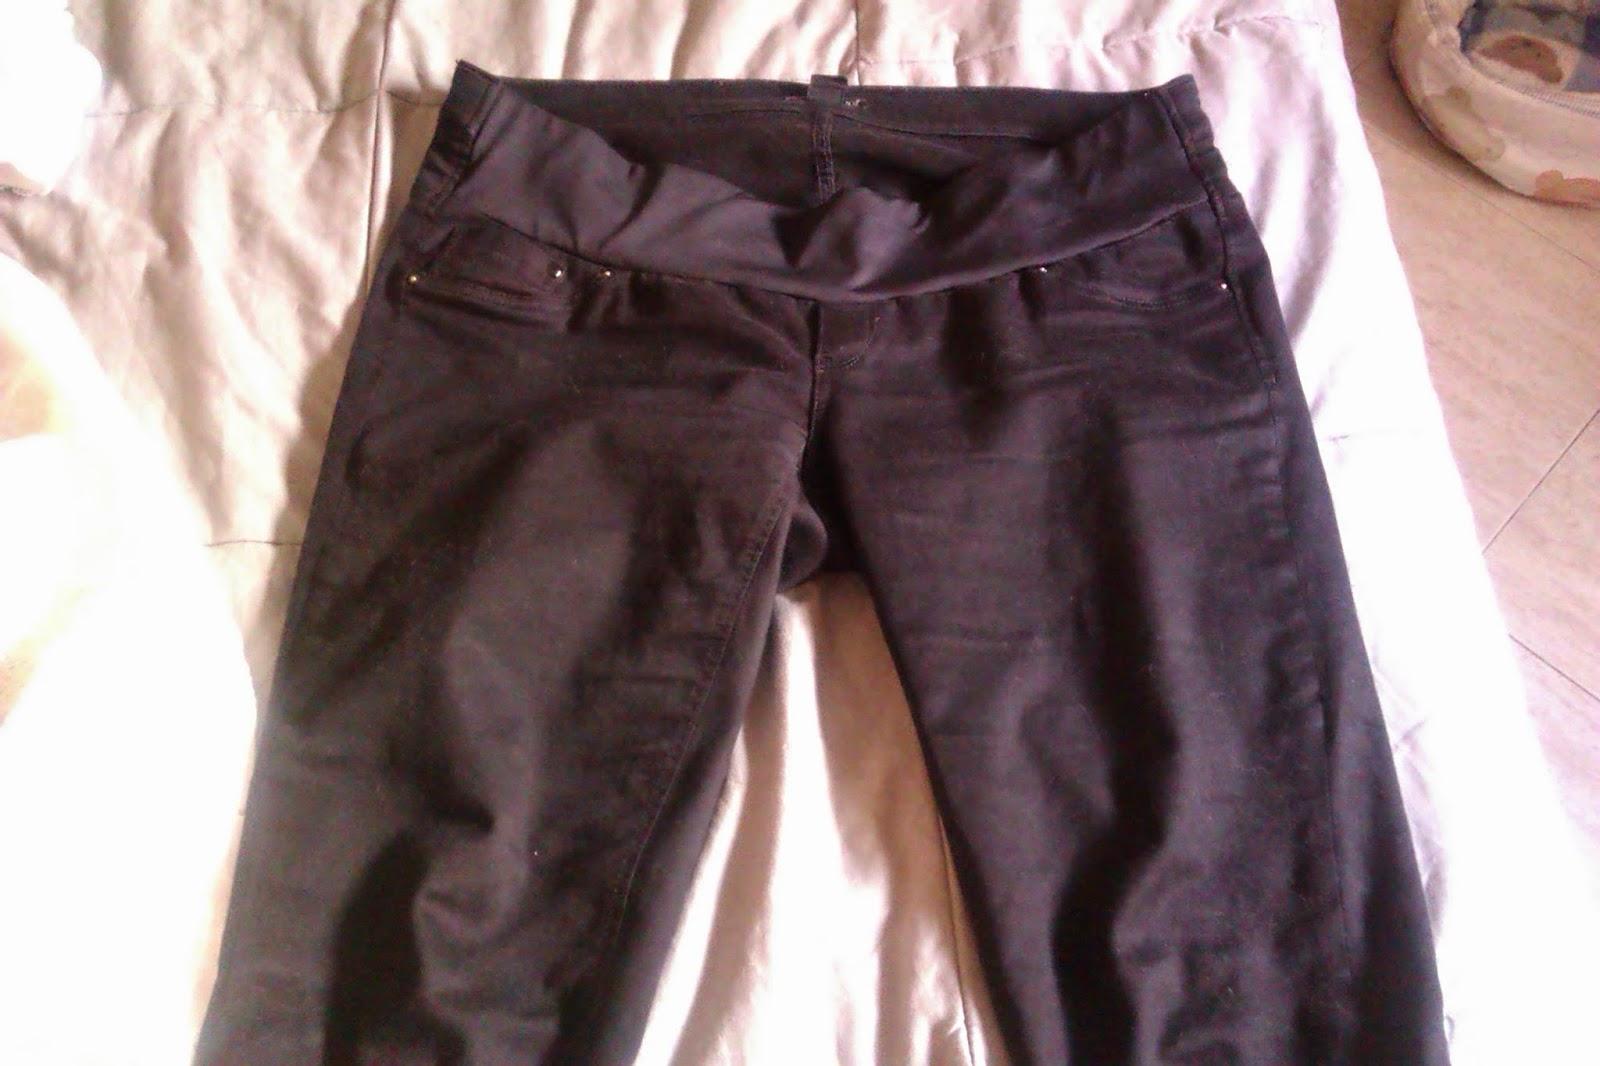 e4da13ea5 Pantalón negro Premamá de H M  valía 30€ pero al comprarlo en rebajas me  costó 15€ no es muy cómodo se me cae constantemente no se si es porque el  fajín es ...